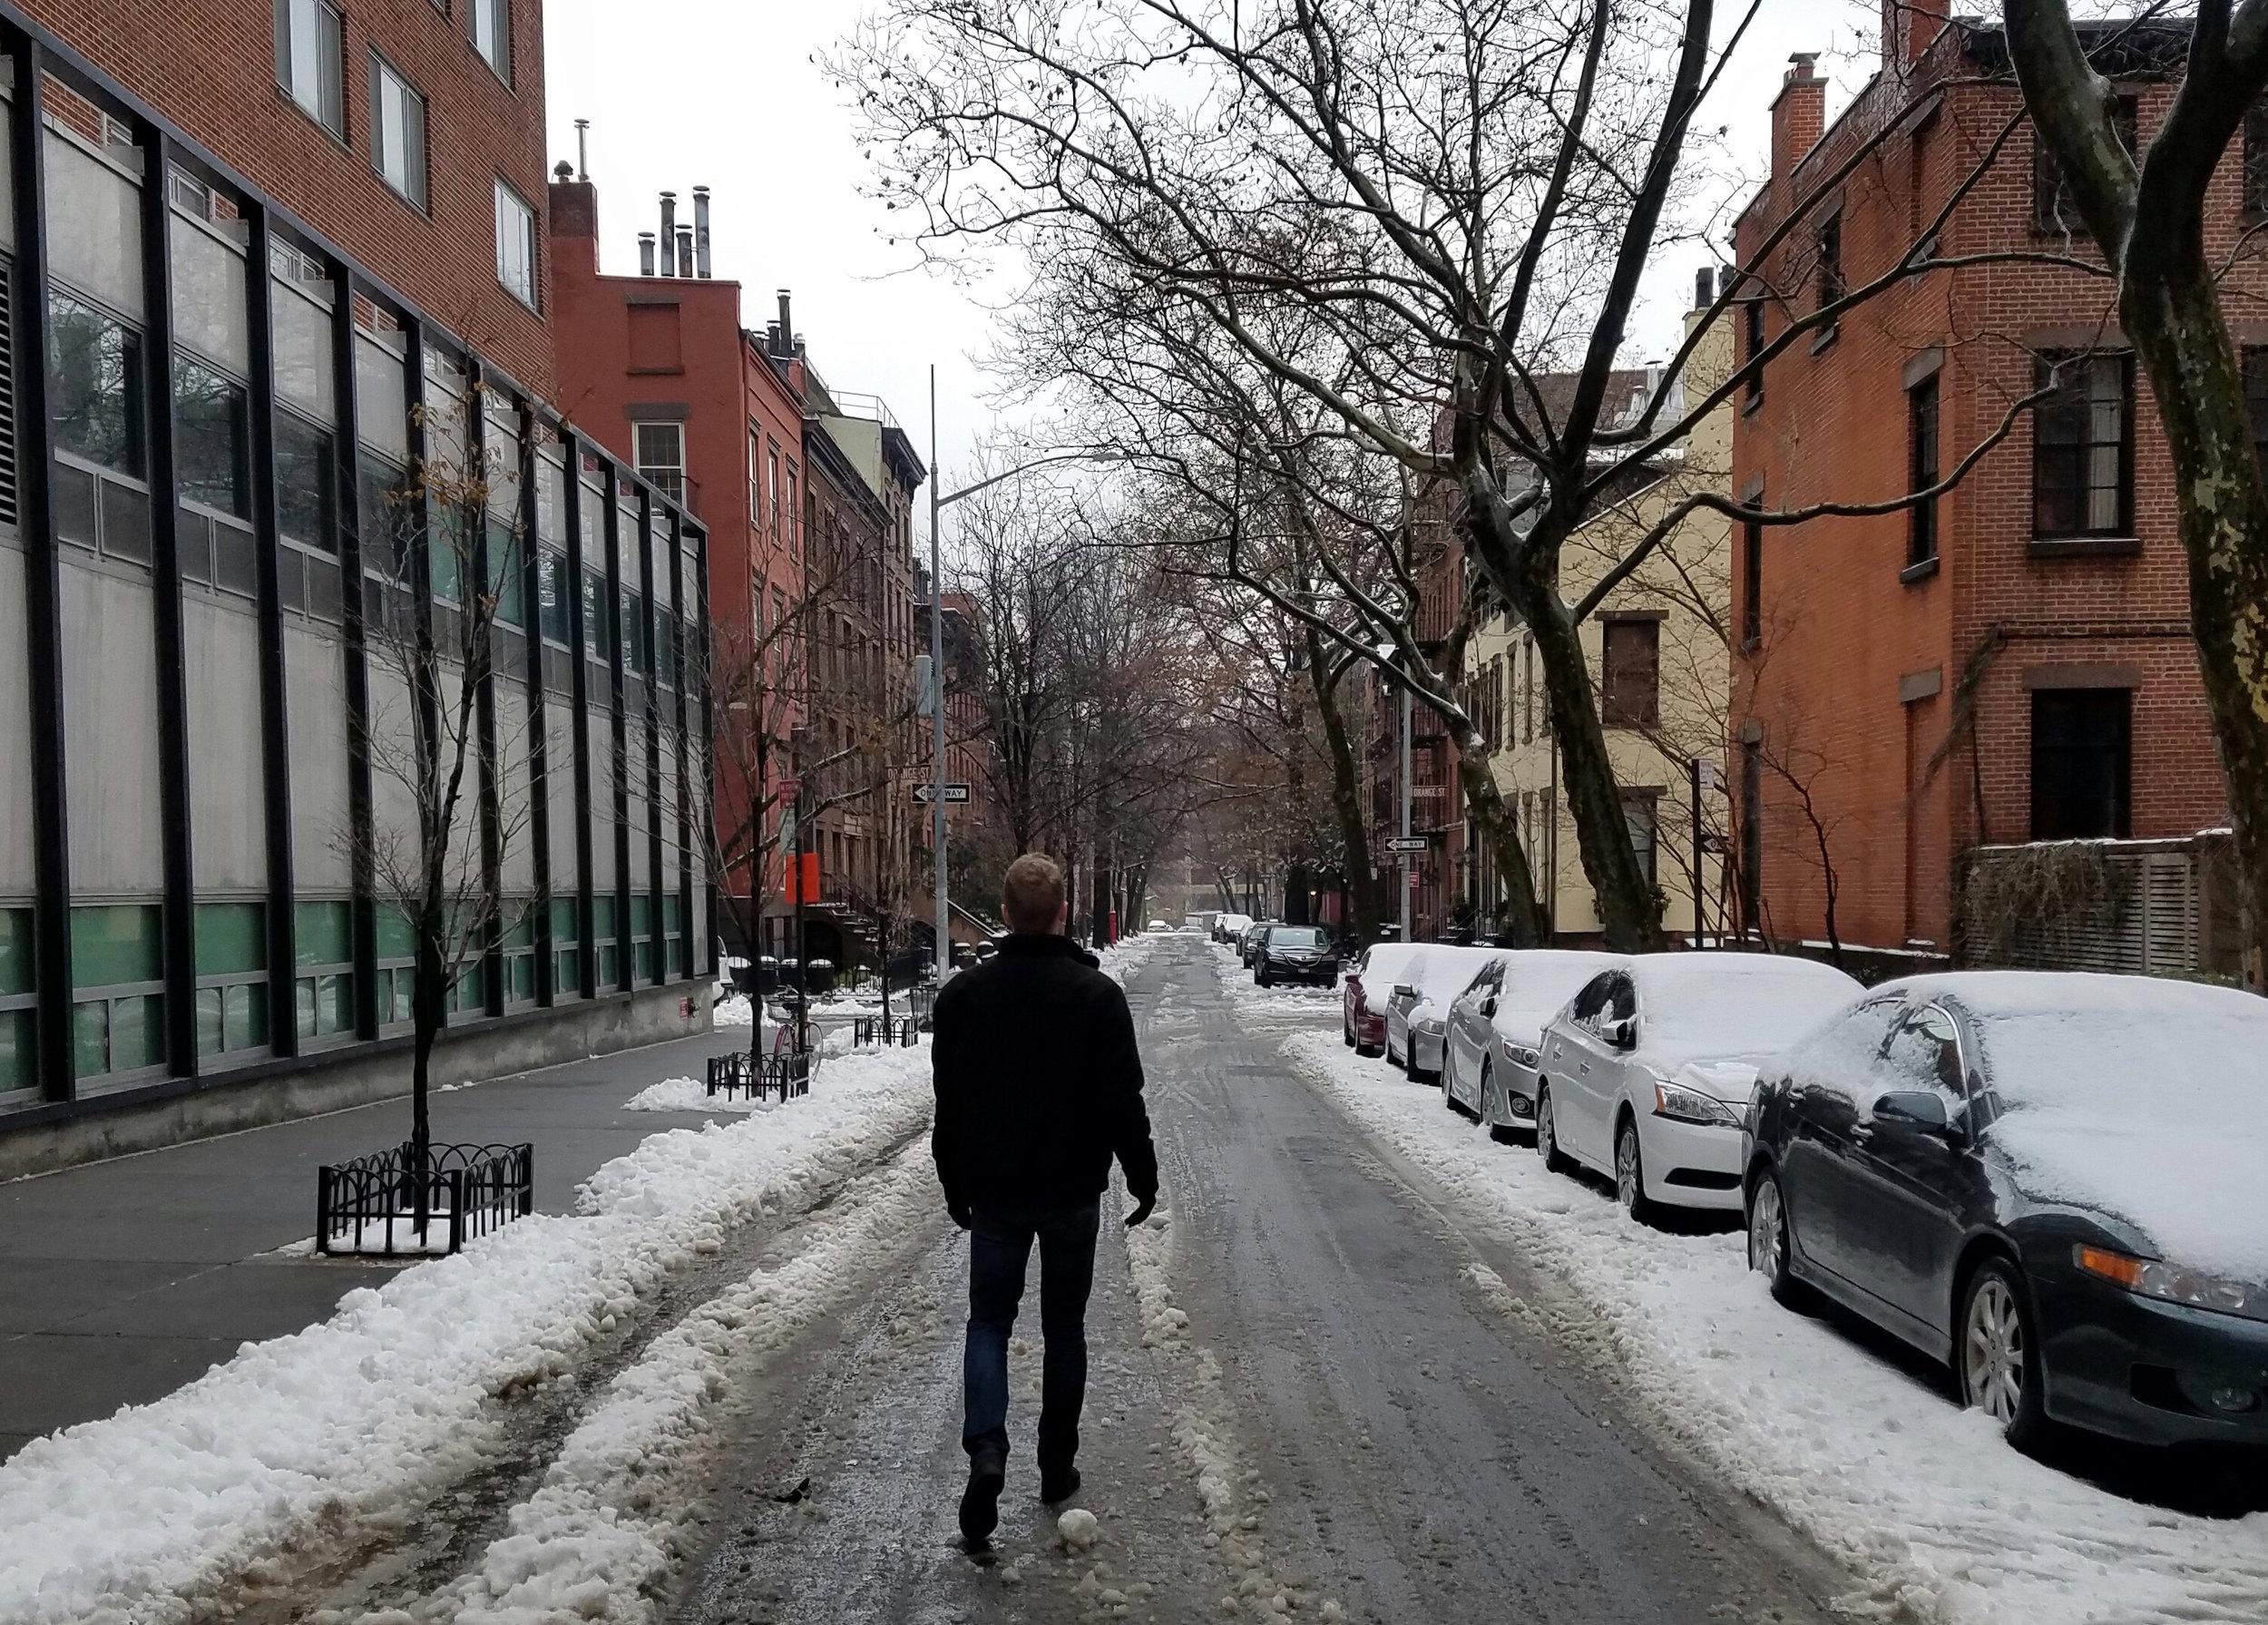 Willow Street, Brooklyn, NY (Photo: Will X. Chen)